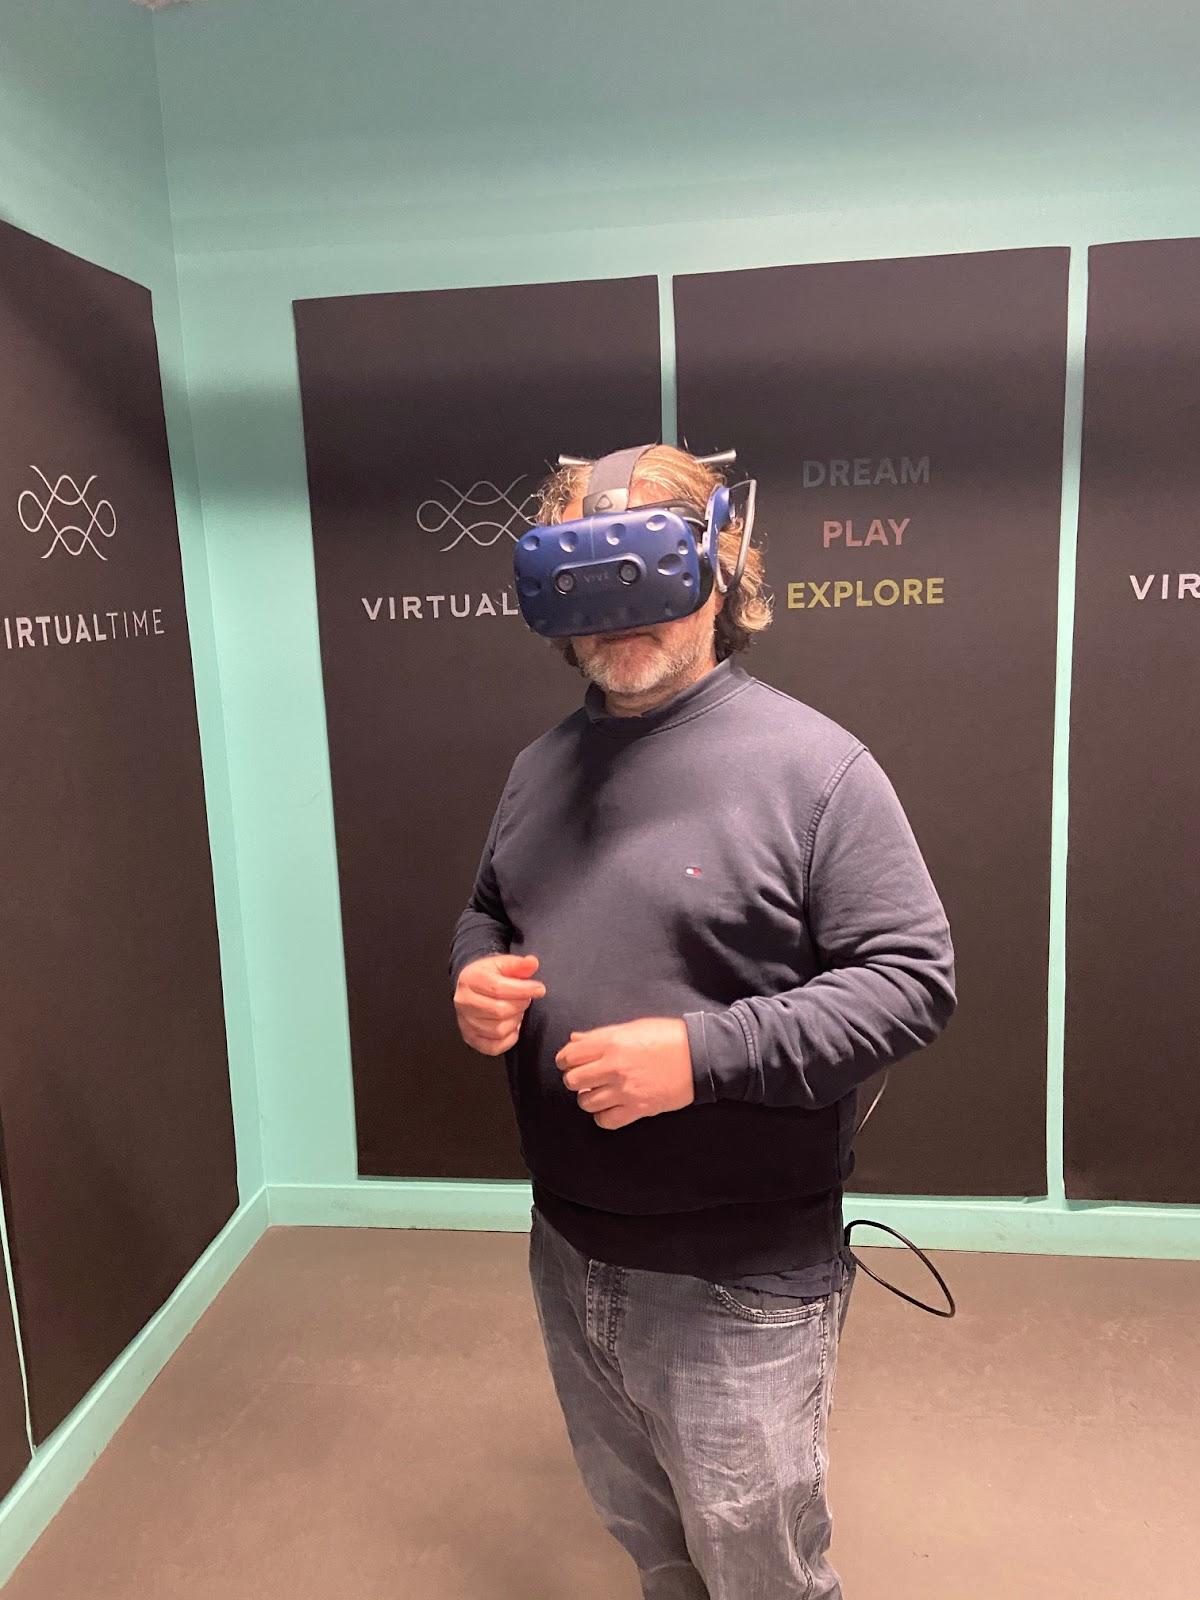 Mise en pratique de la réalité virtuelle en solo